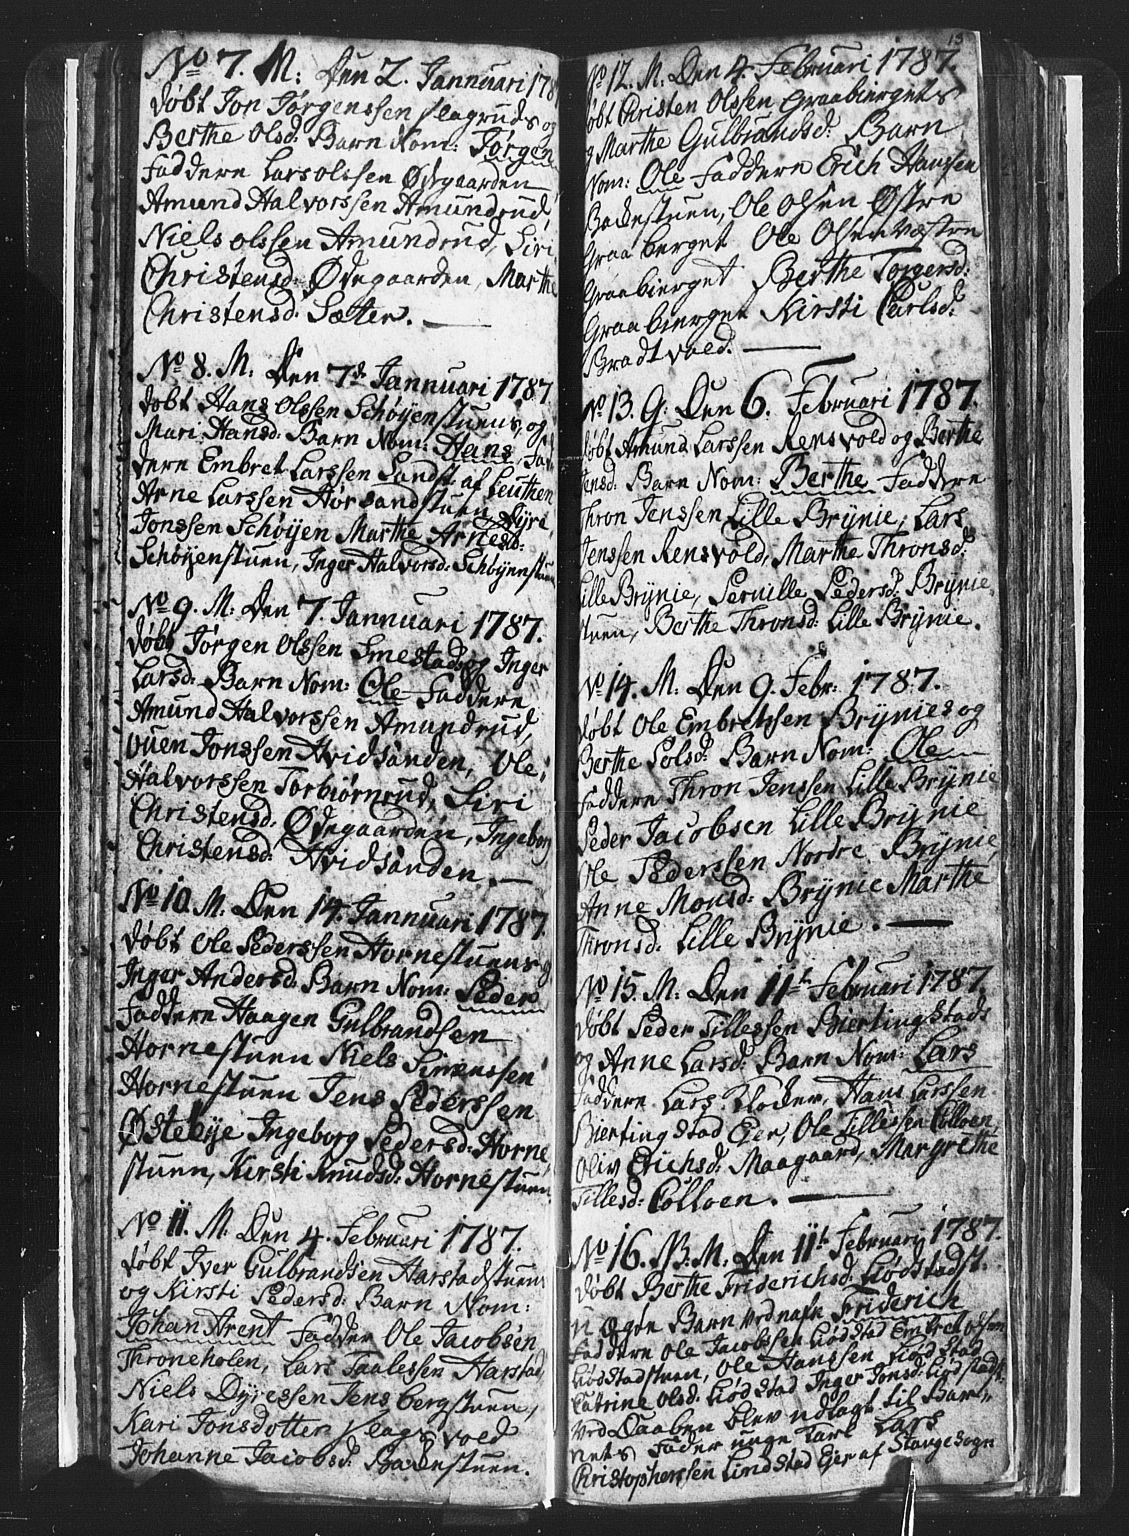 SAH, Romedal prestekontor, L/L0001: Klokkerbok nr. 1, 1785-1794, s. 13